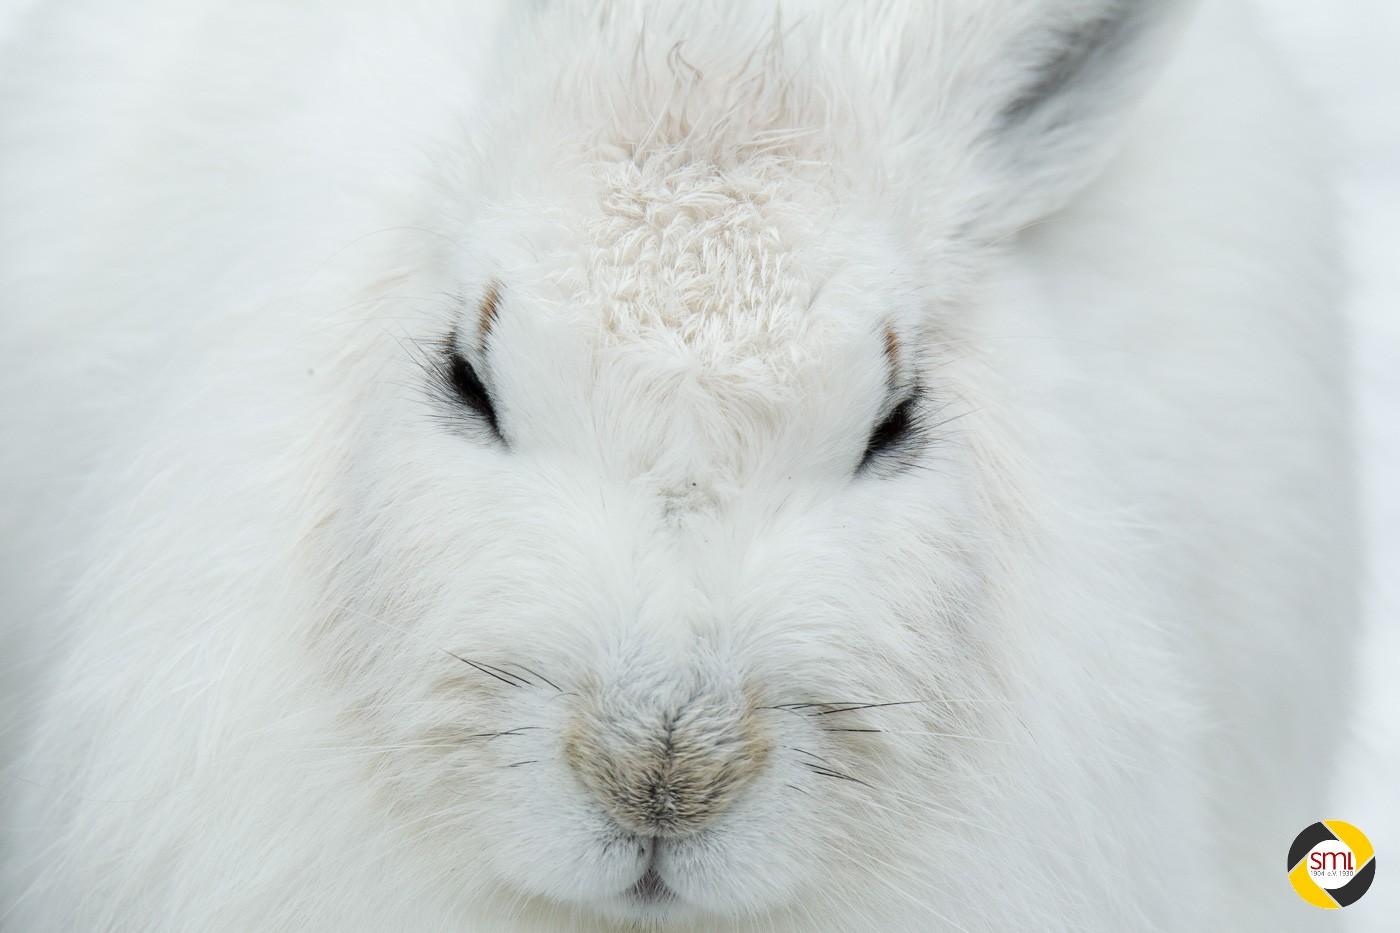 Schneehase © Christoph Stempfhuber